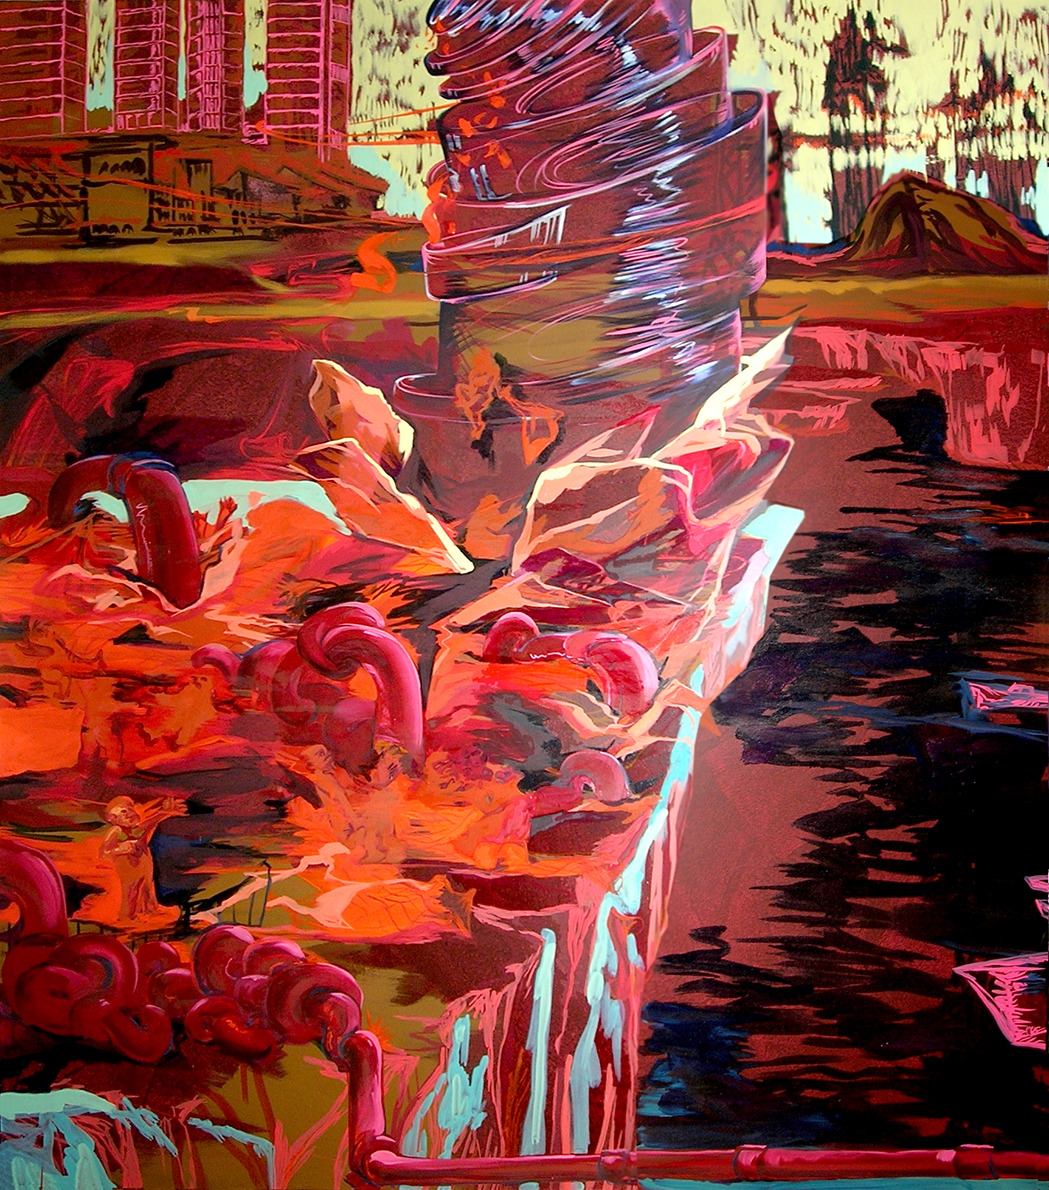 huile & acrylique sur toile,217x191 cm